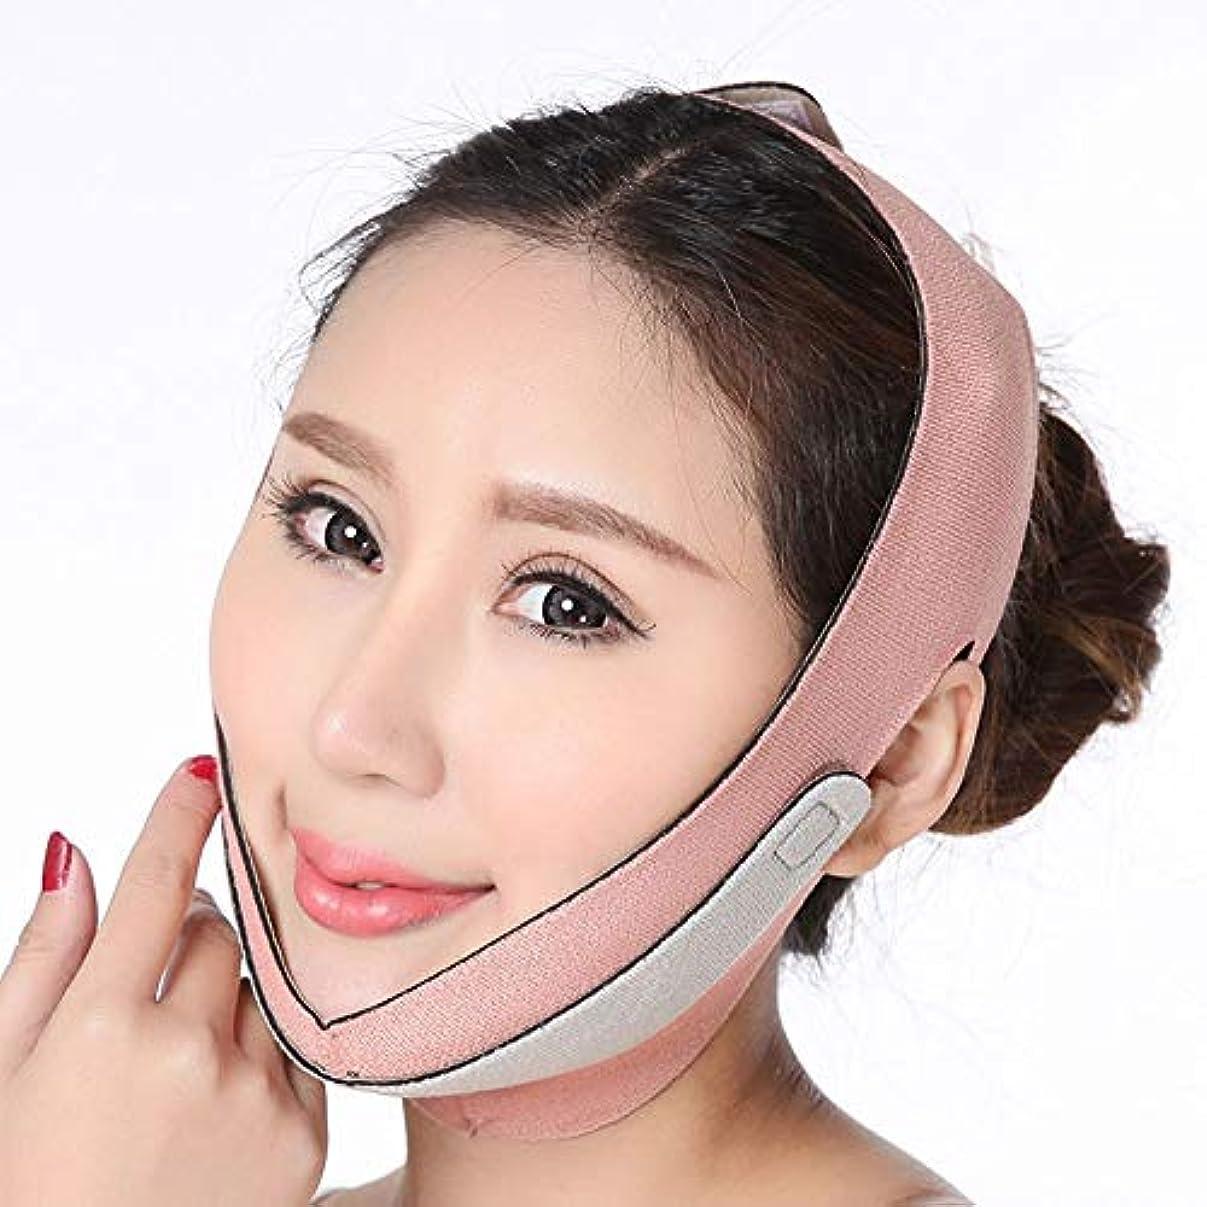 国チャンバーコスチュームJia Jia- シンフェイス包帯シンフェイスマスクフェイスリフトアーティファクトレイズVフェイスシンフェイスフェイスリフティング美容マスク小フェイス包帯 顔面包帯 (色 : A)